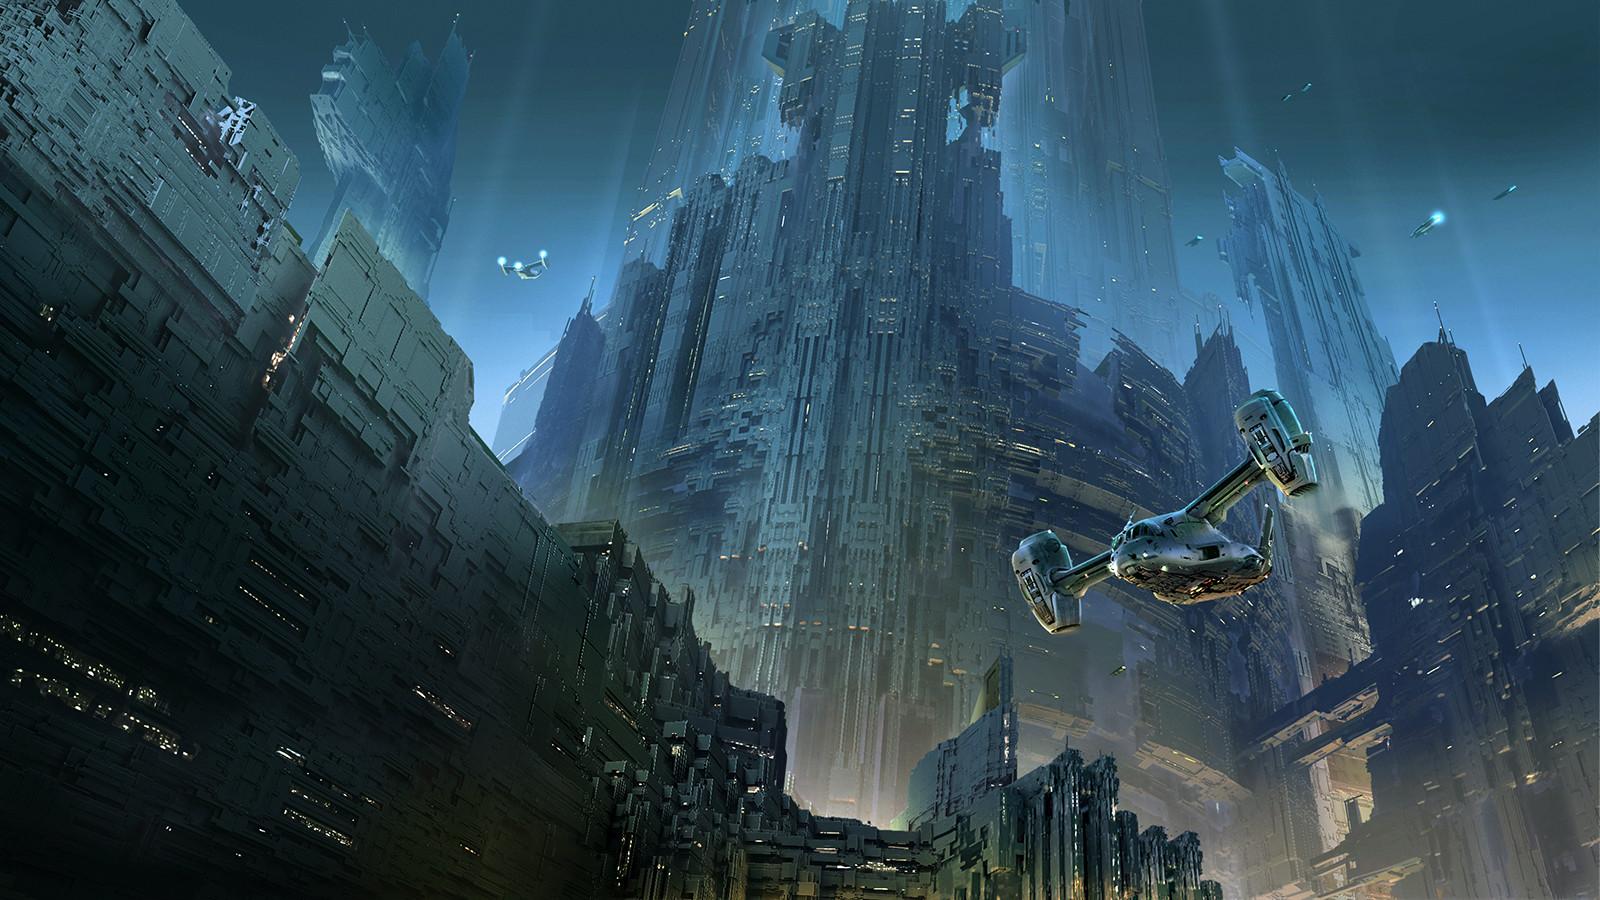 Pat presley grotesquelandscape v06 citadel